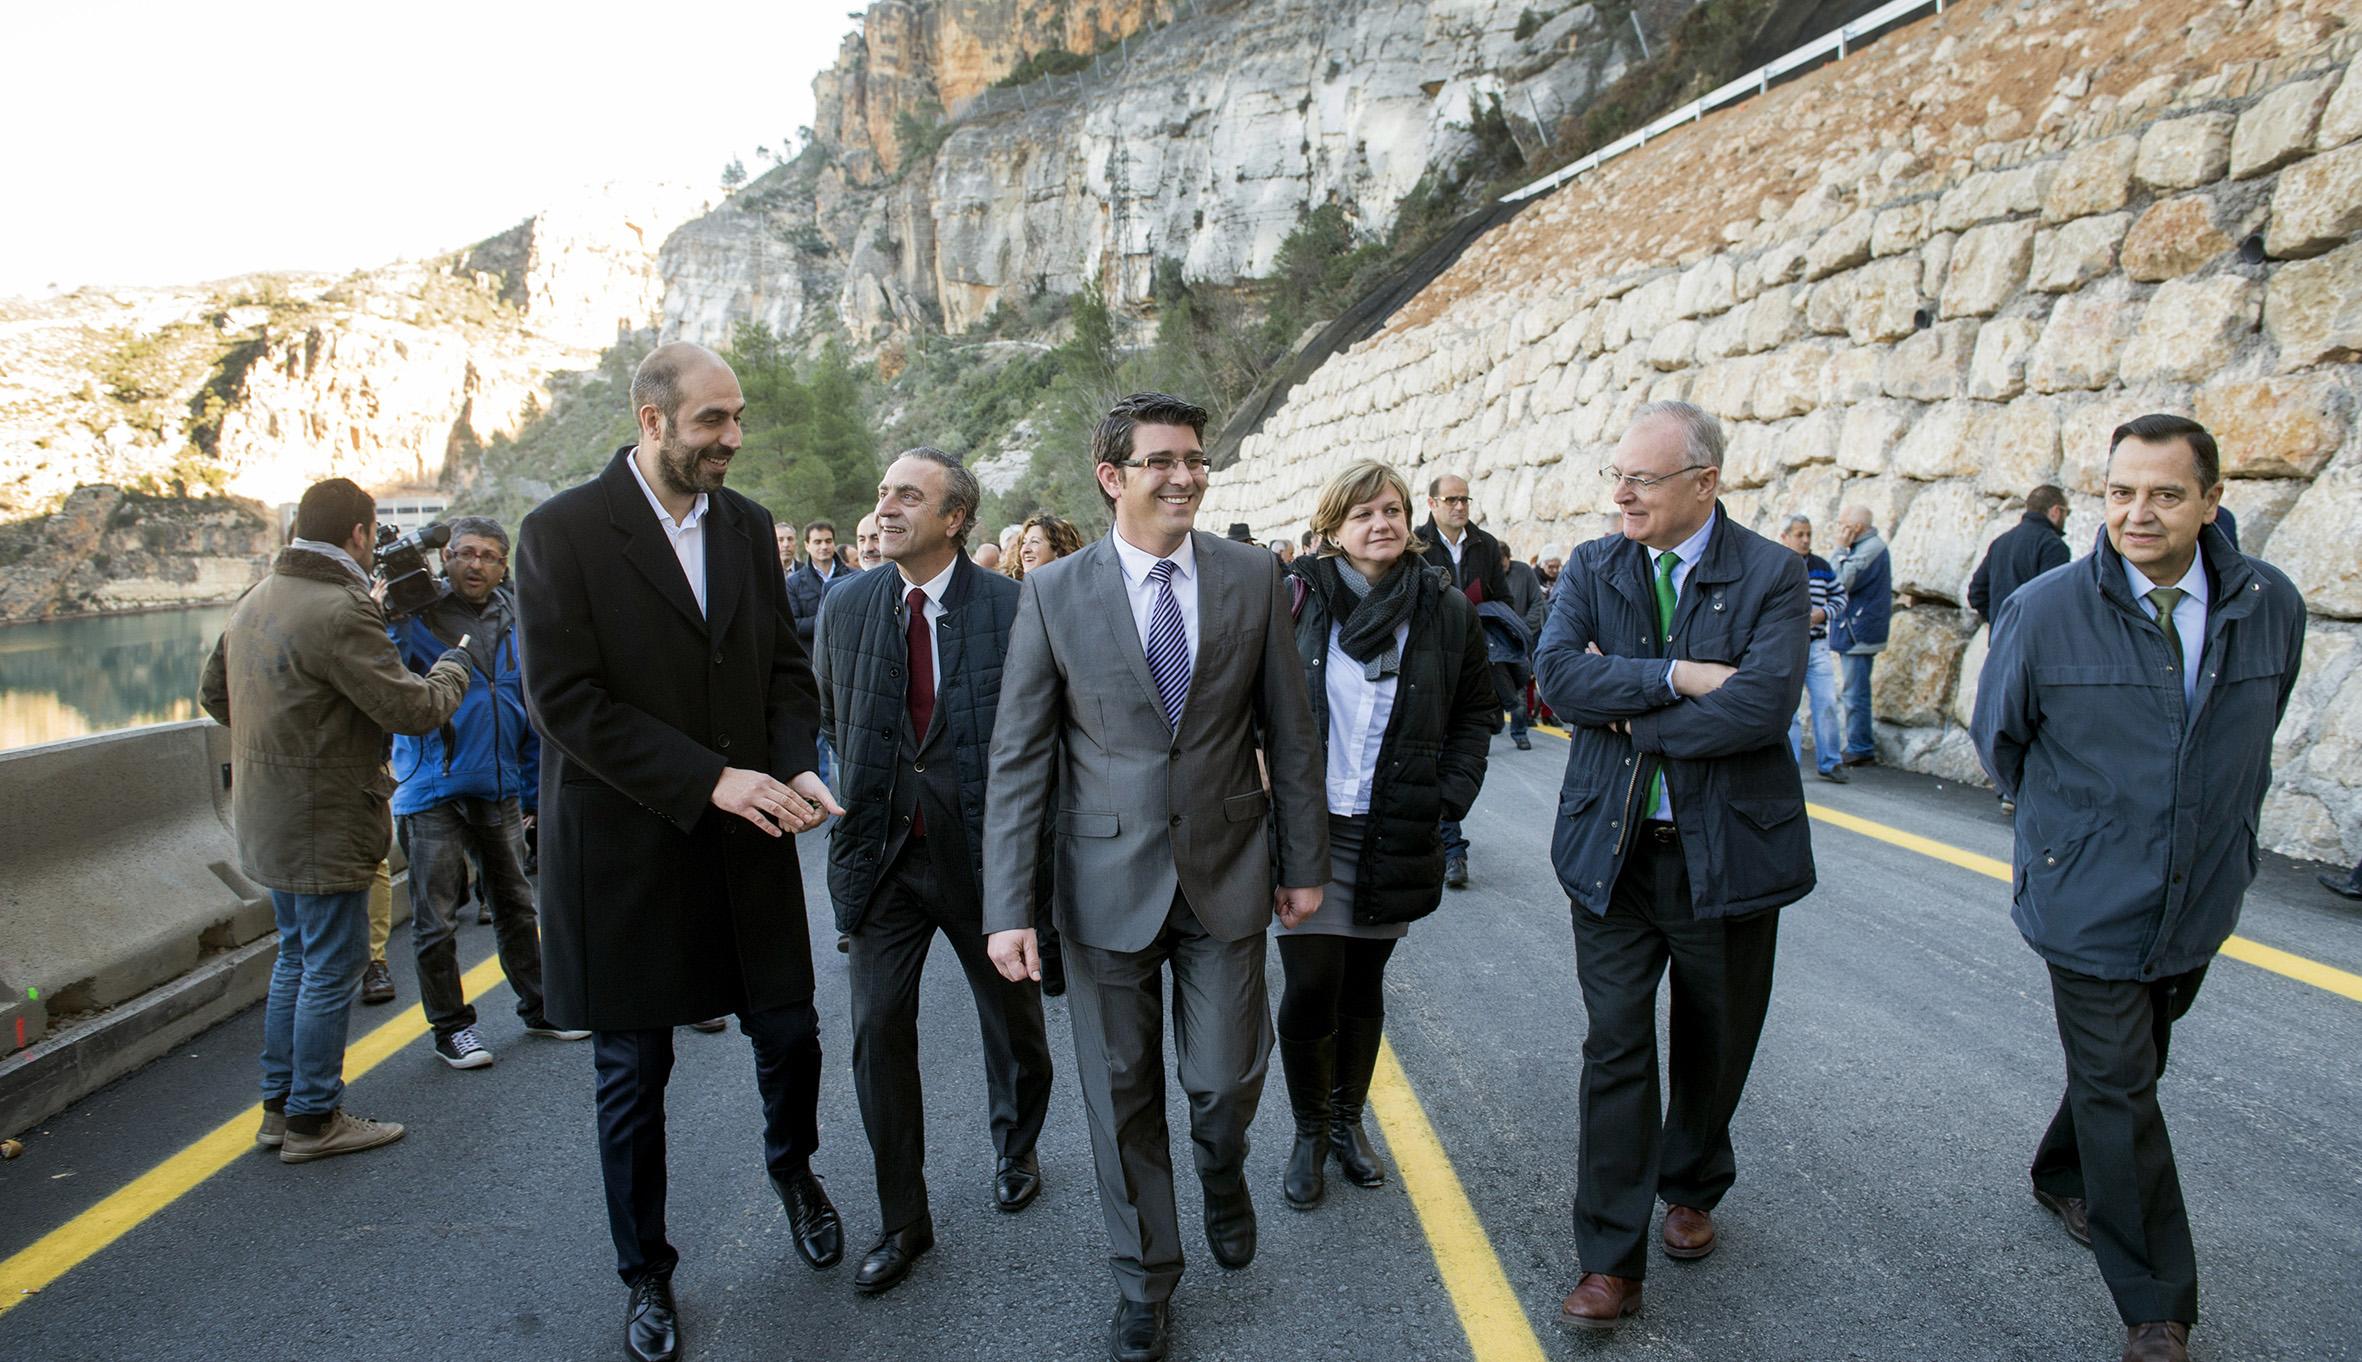 El presidente de la Diputación conb el diputado de Carreteras durante la apertura de la carretera de Cortes de Pallás.